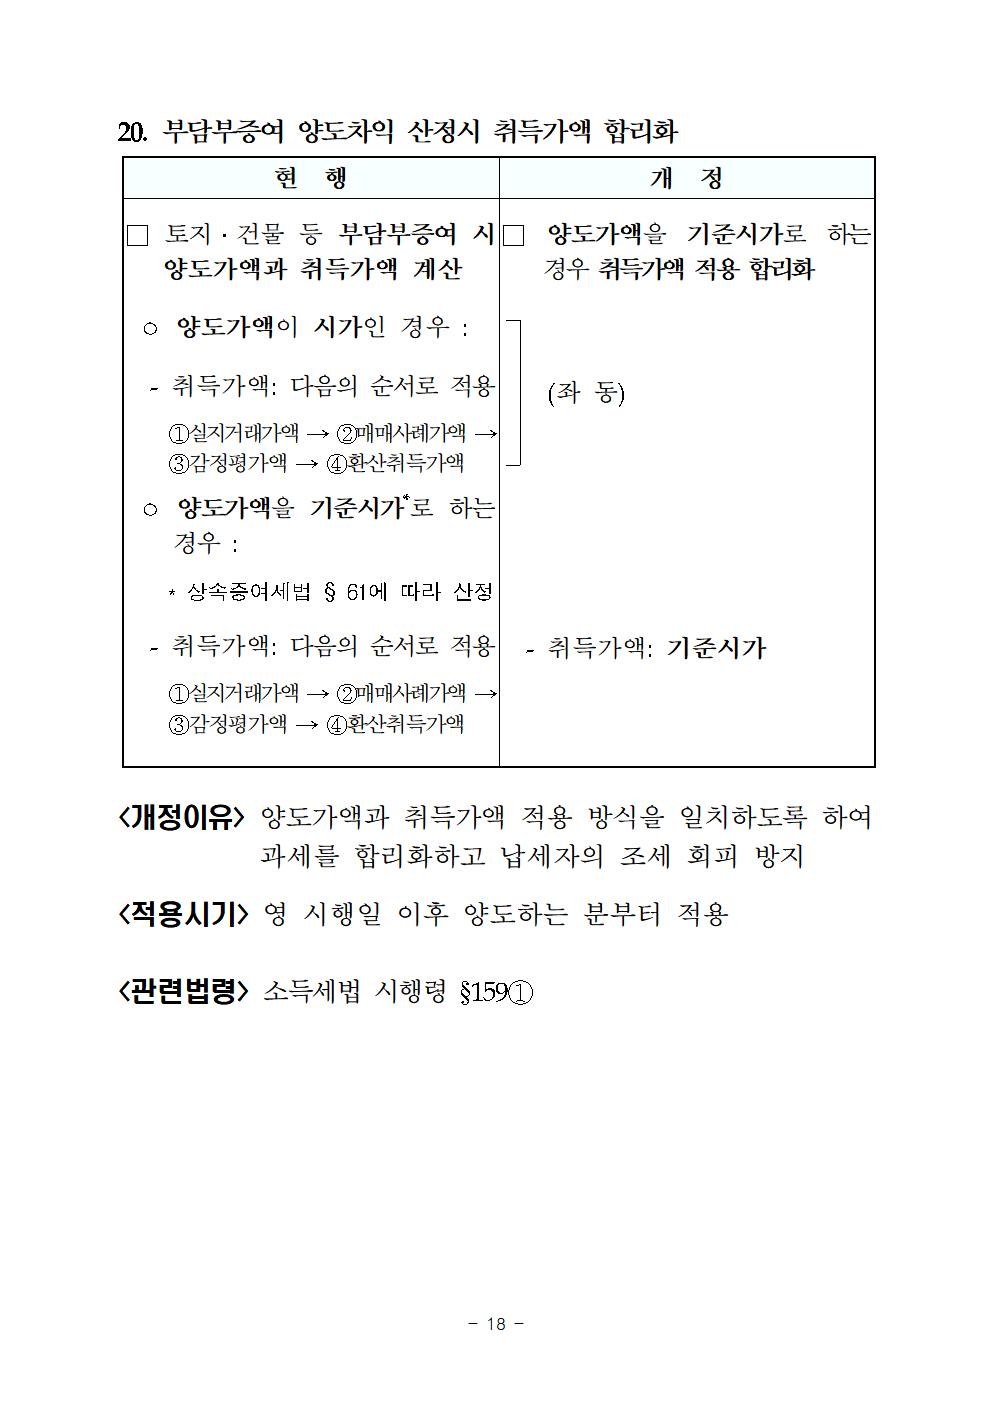 2019년세법개정내용(양도소득세분야)023.png